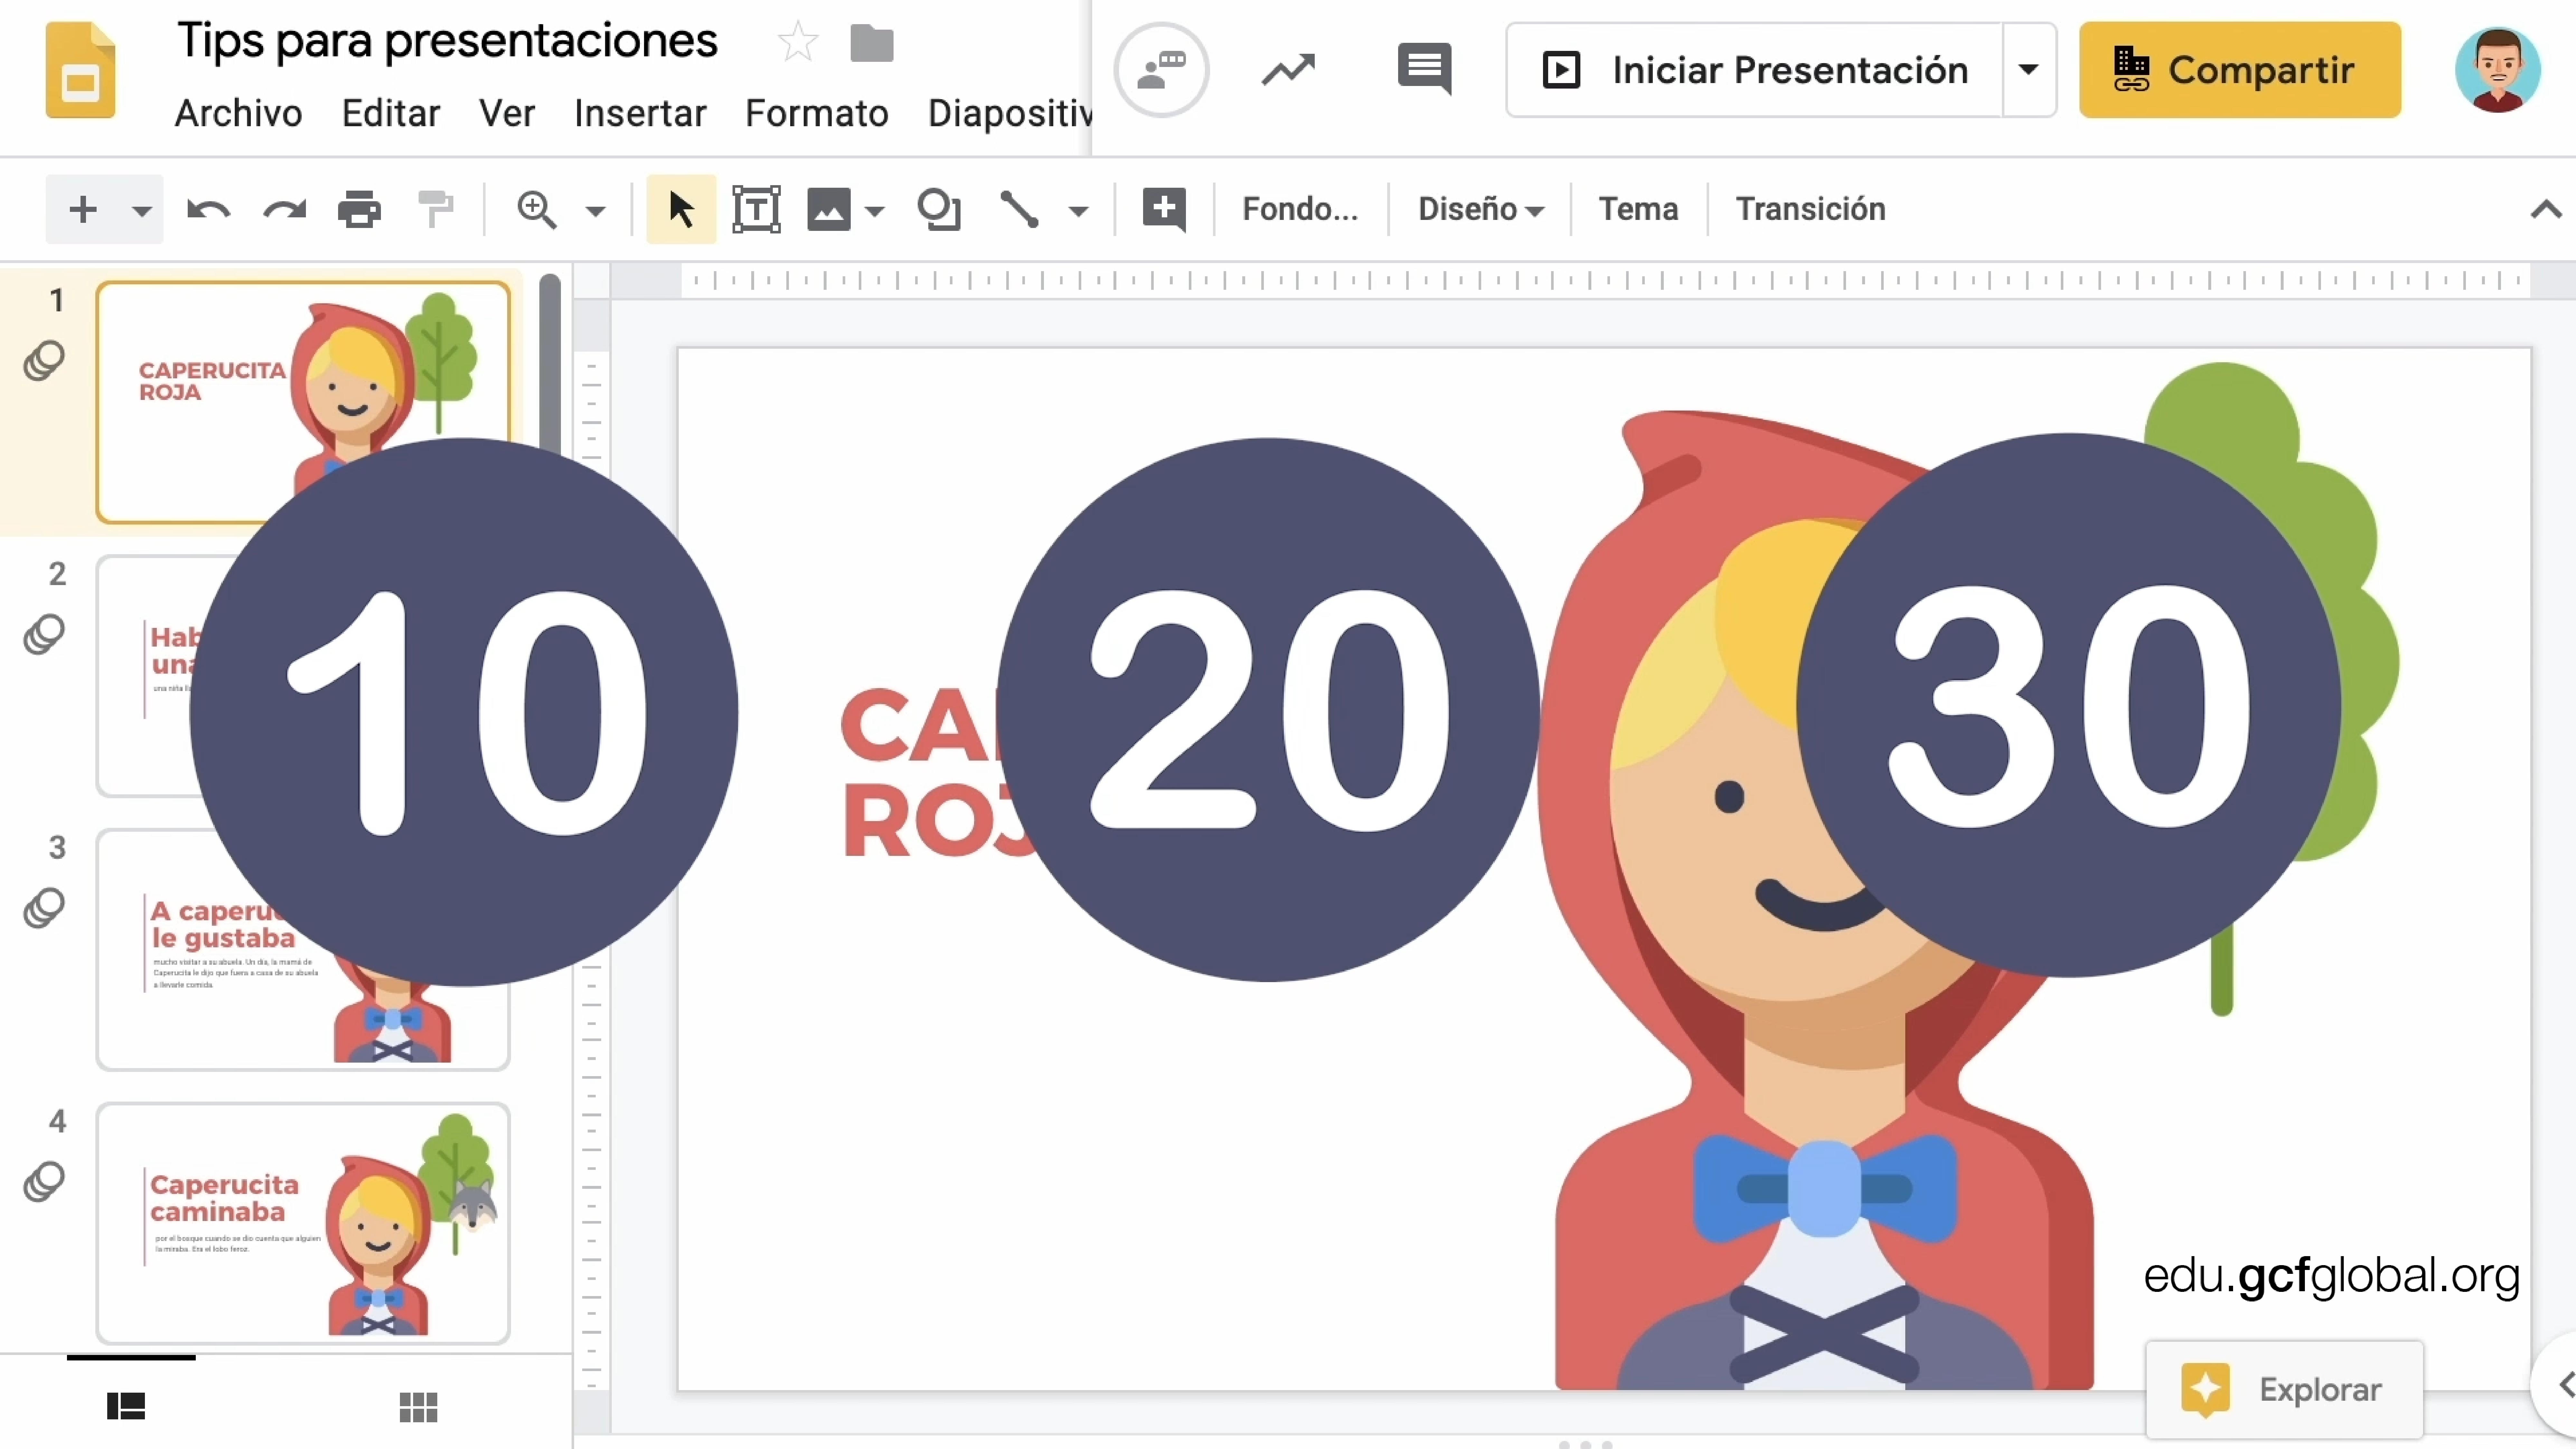 Imagen de diapositiva con los números de la regla 10,20 y 30.